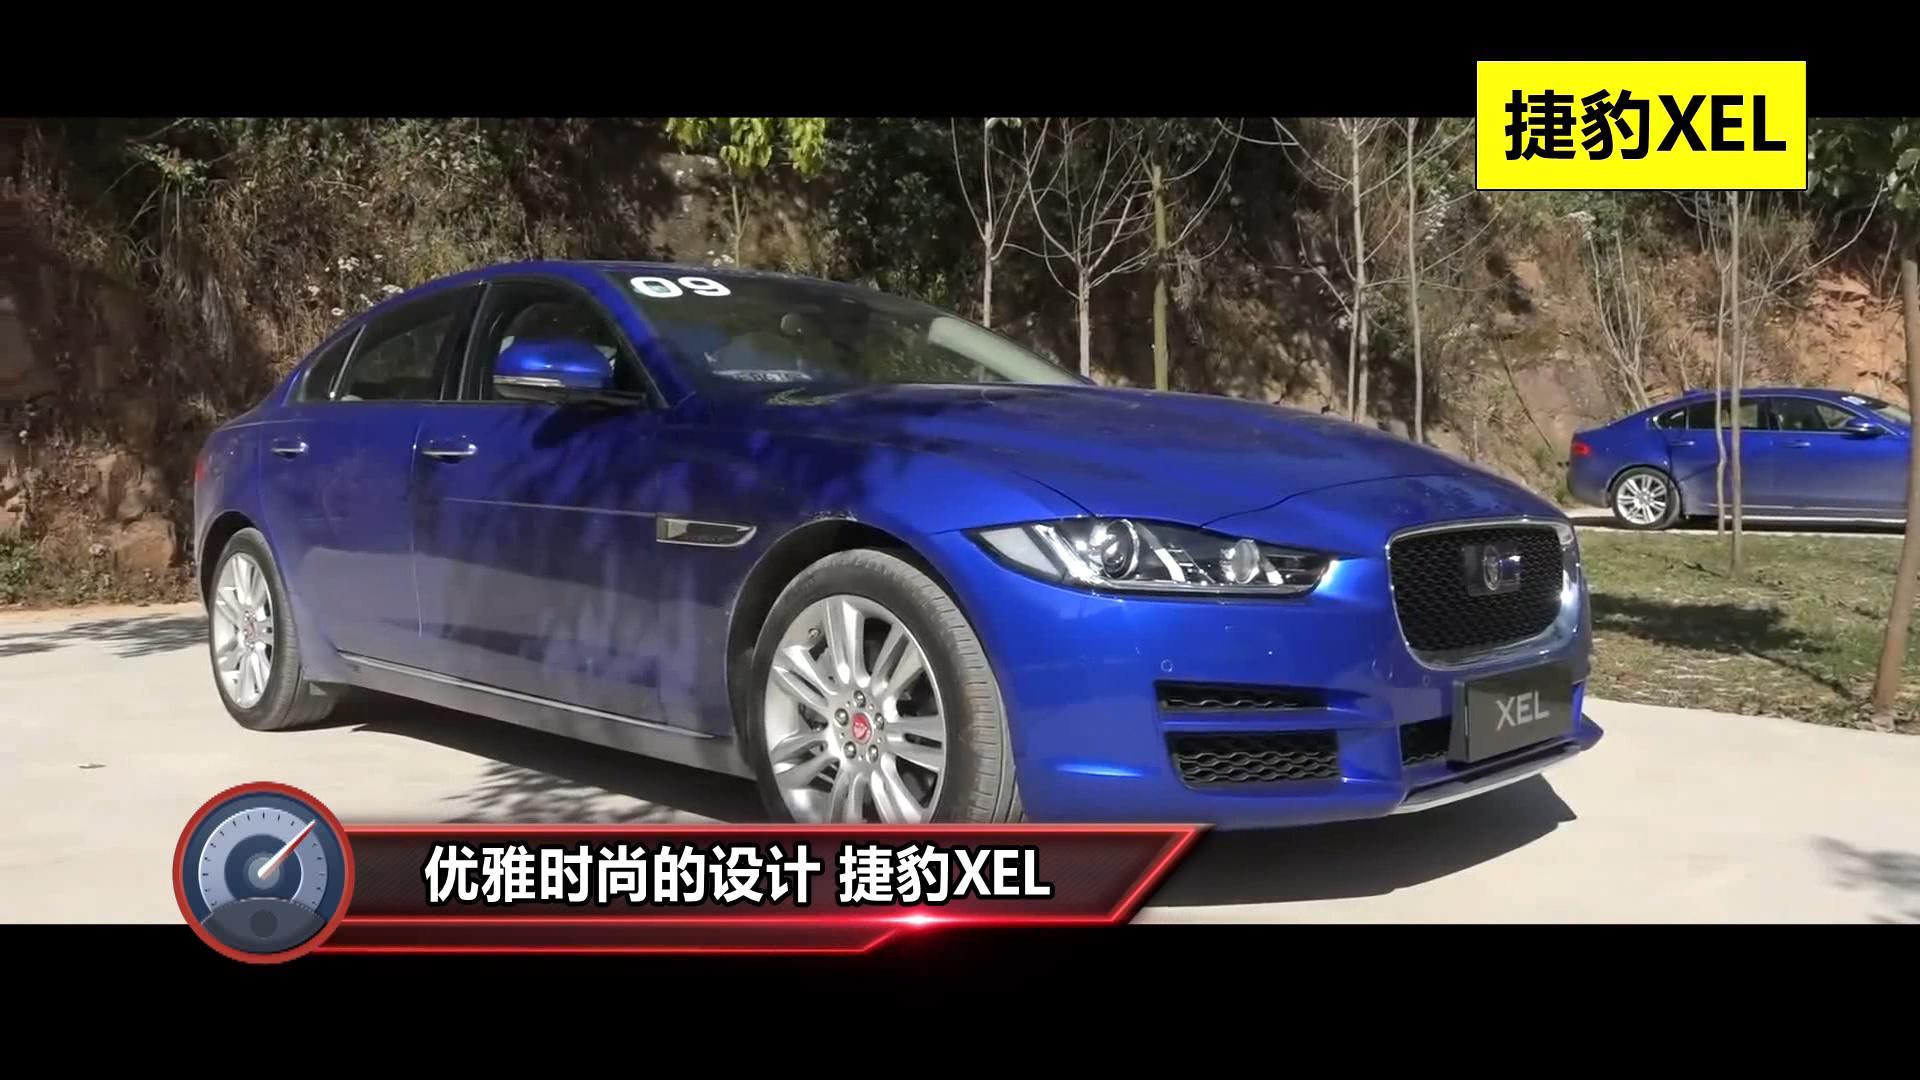 视频:发动机怠速抖动吗?捷豹XEL裸车20万出头能否购买?